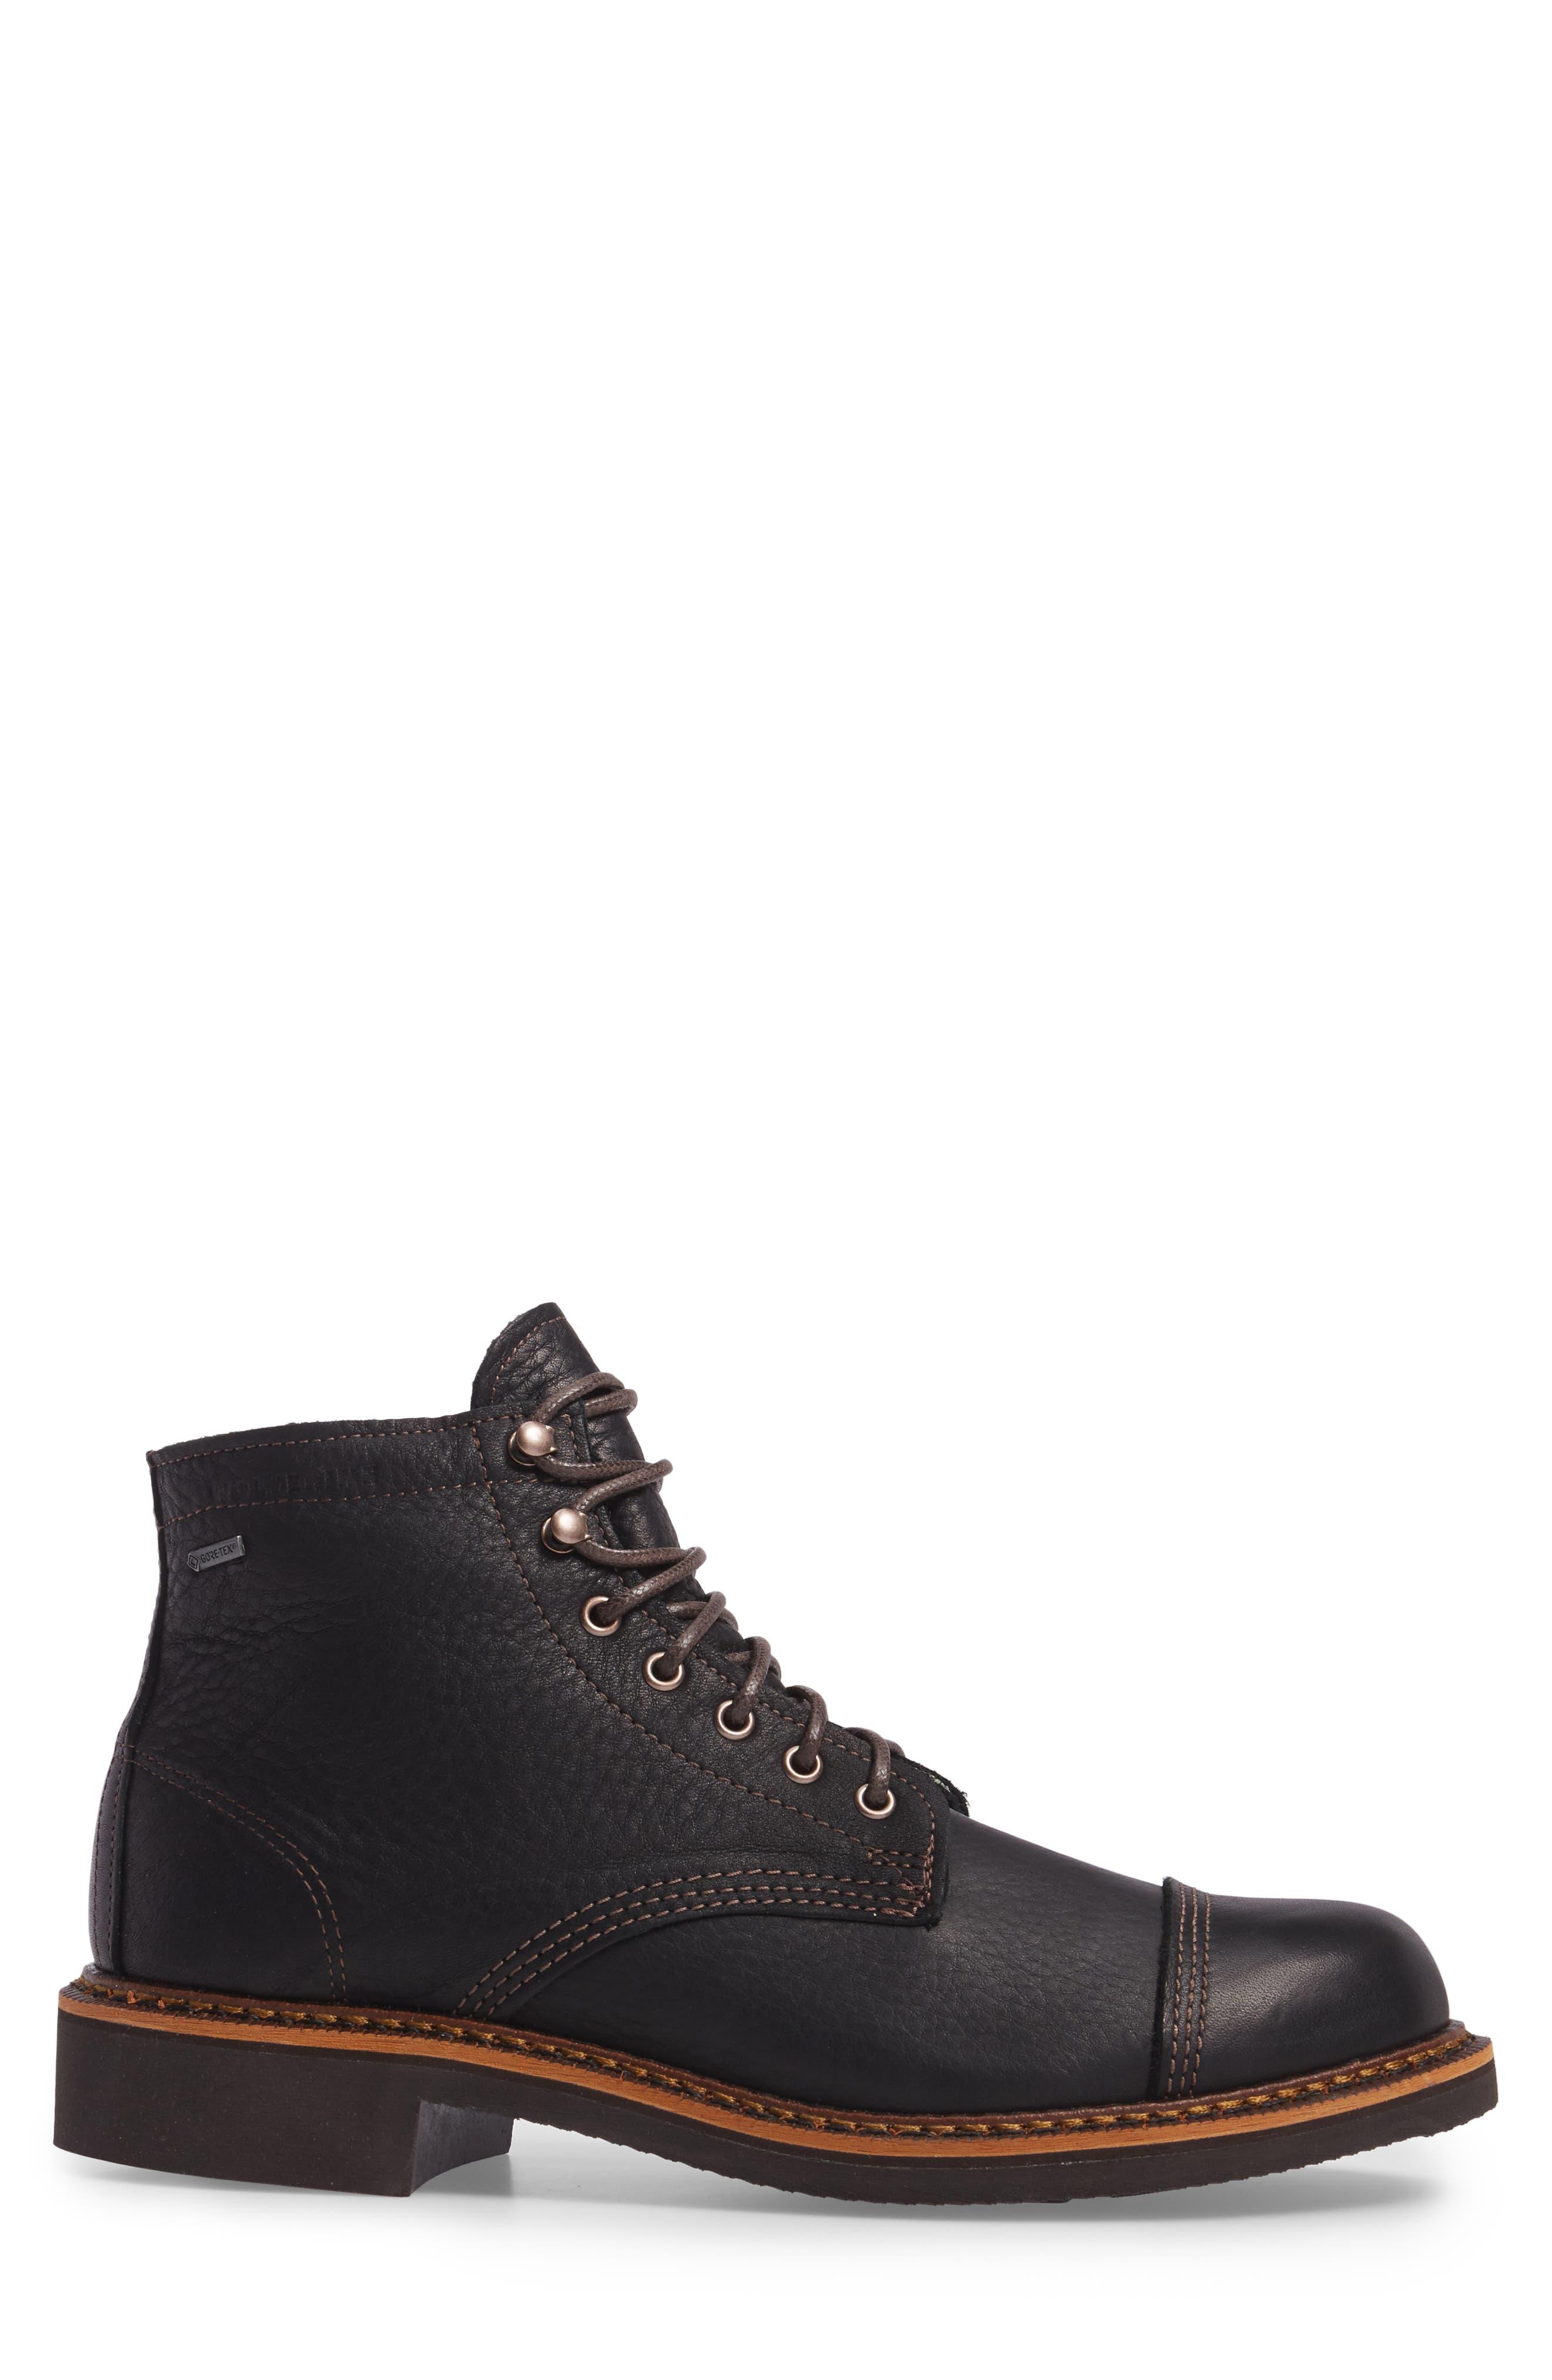 Jensen Cap Toe Boot,                             Alternate thumbnail 3, color,                             BLACK